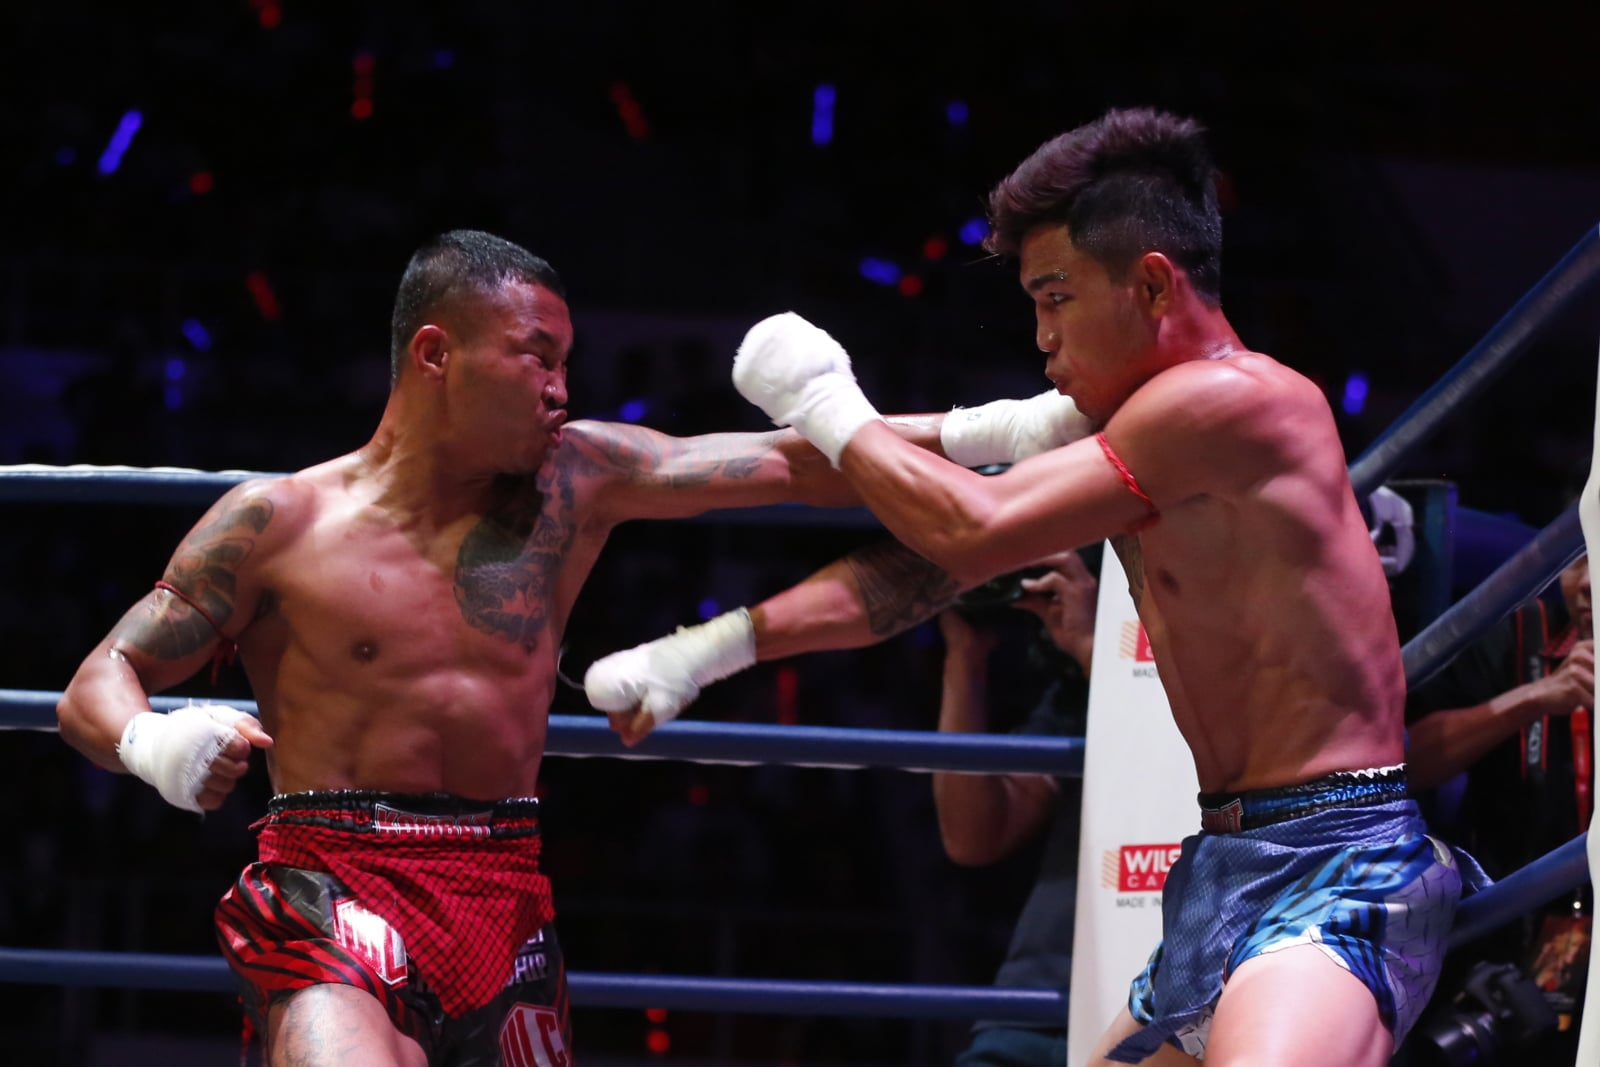 Mistrzostwa w boksie birmańskim.